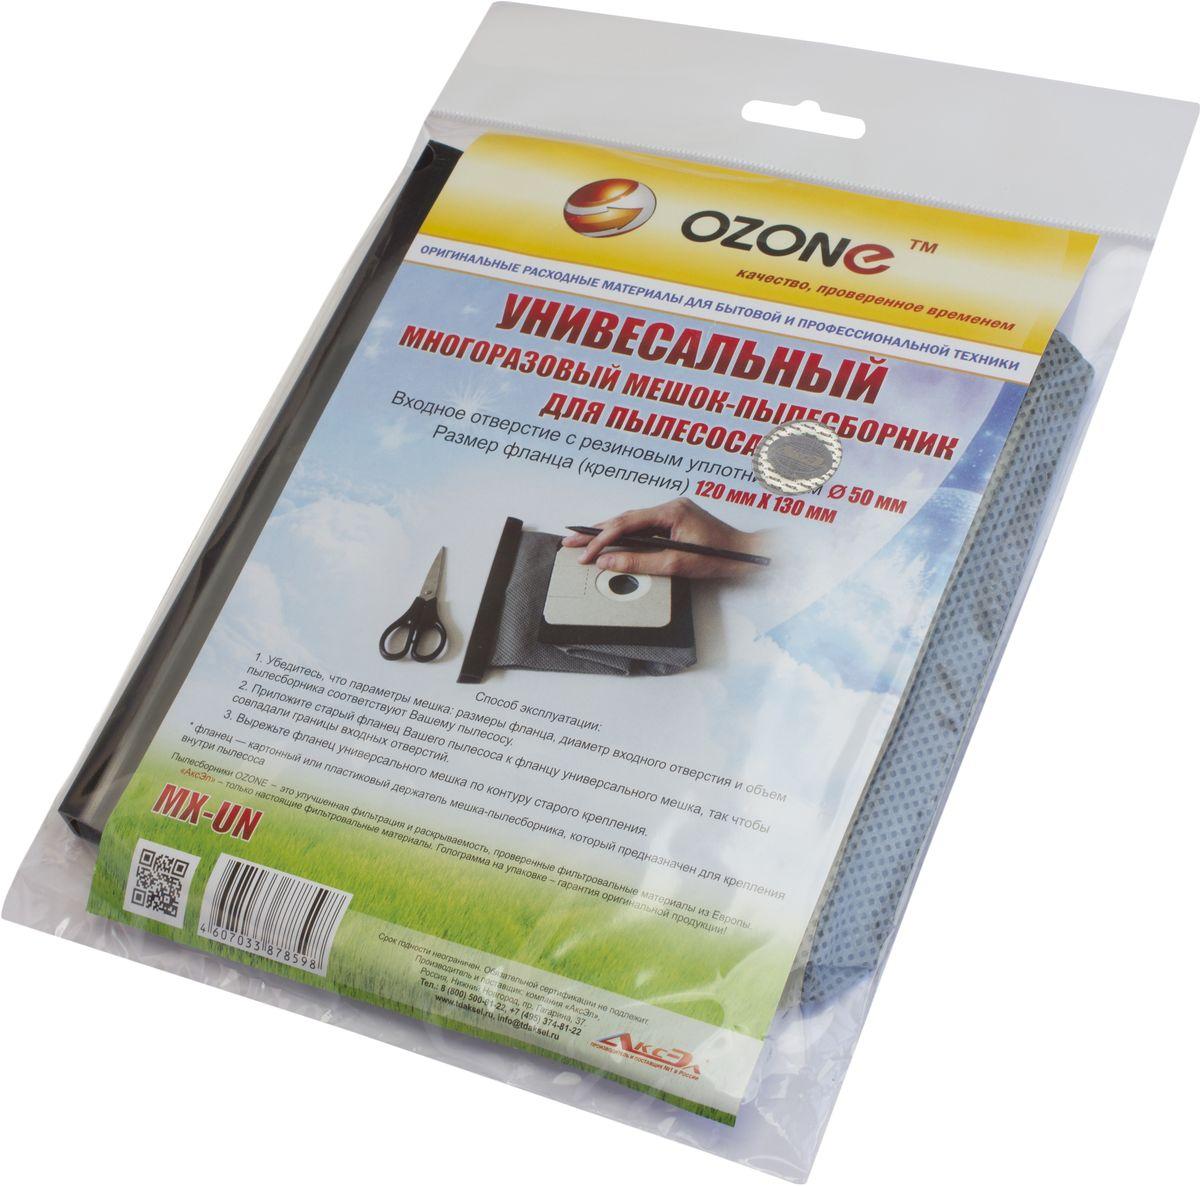 Ozone MX-UN пылесборник универсальныйMX-UNМногоразовый синтетический пылесборник Ozone microne multiplex MX-UN предназначен для бытового использования. Пылесборник OZONE соответствуют высоким стандартам качества. Благодаря использованию специального четырехслойного синтетического материала, пылесборник Ozone microne multiplex MX-UN обладает высочайшей степенью фильтрации и повышенной прочностью. Серия MICRON задерживает мельчайшие частицы пыли и пыльцы. Ozone microne multiplex MX-09 выдерживает нагрузку до 30кг., а так же выполняется 100% заполняемость мешка.